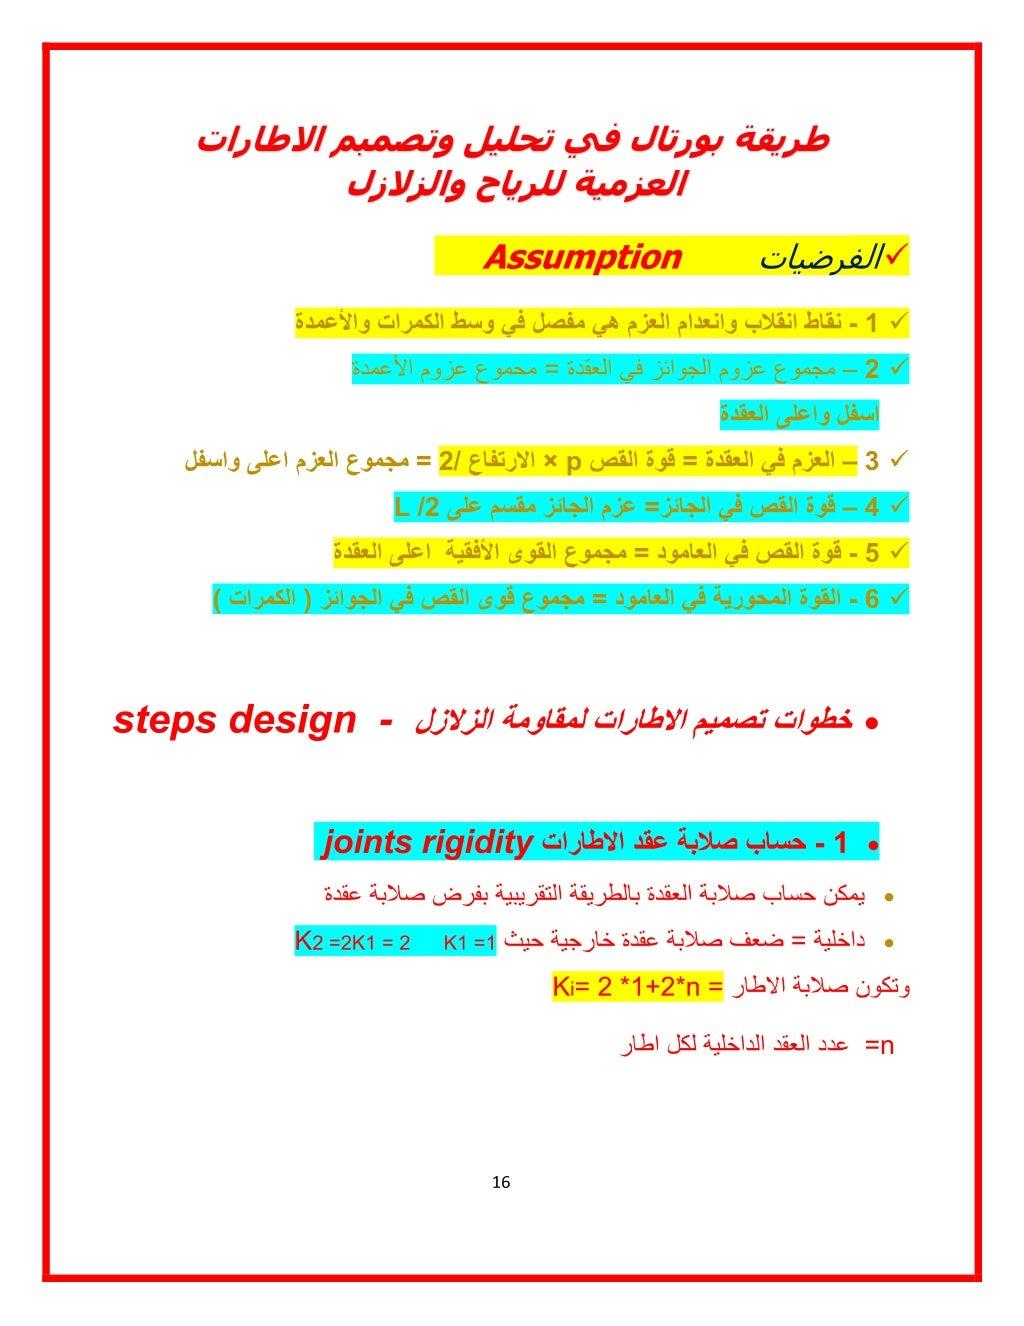 manual-designed-for-seismic-resistance-frames-moment-portals-method-16-1024.jpg